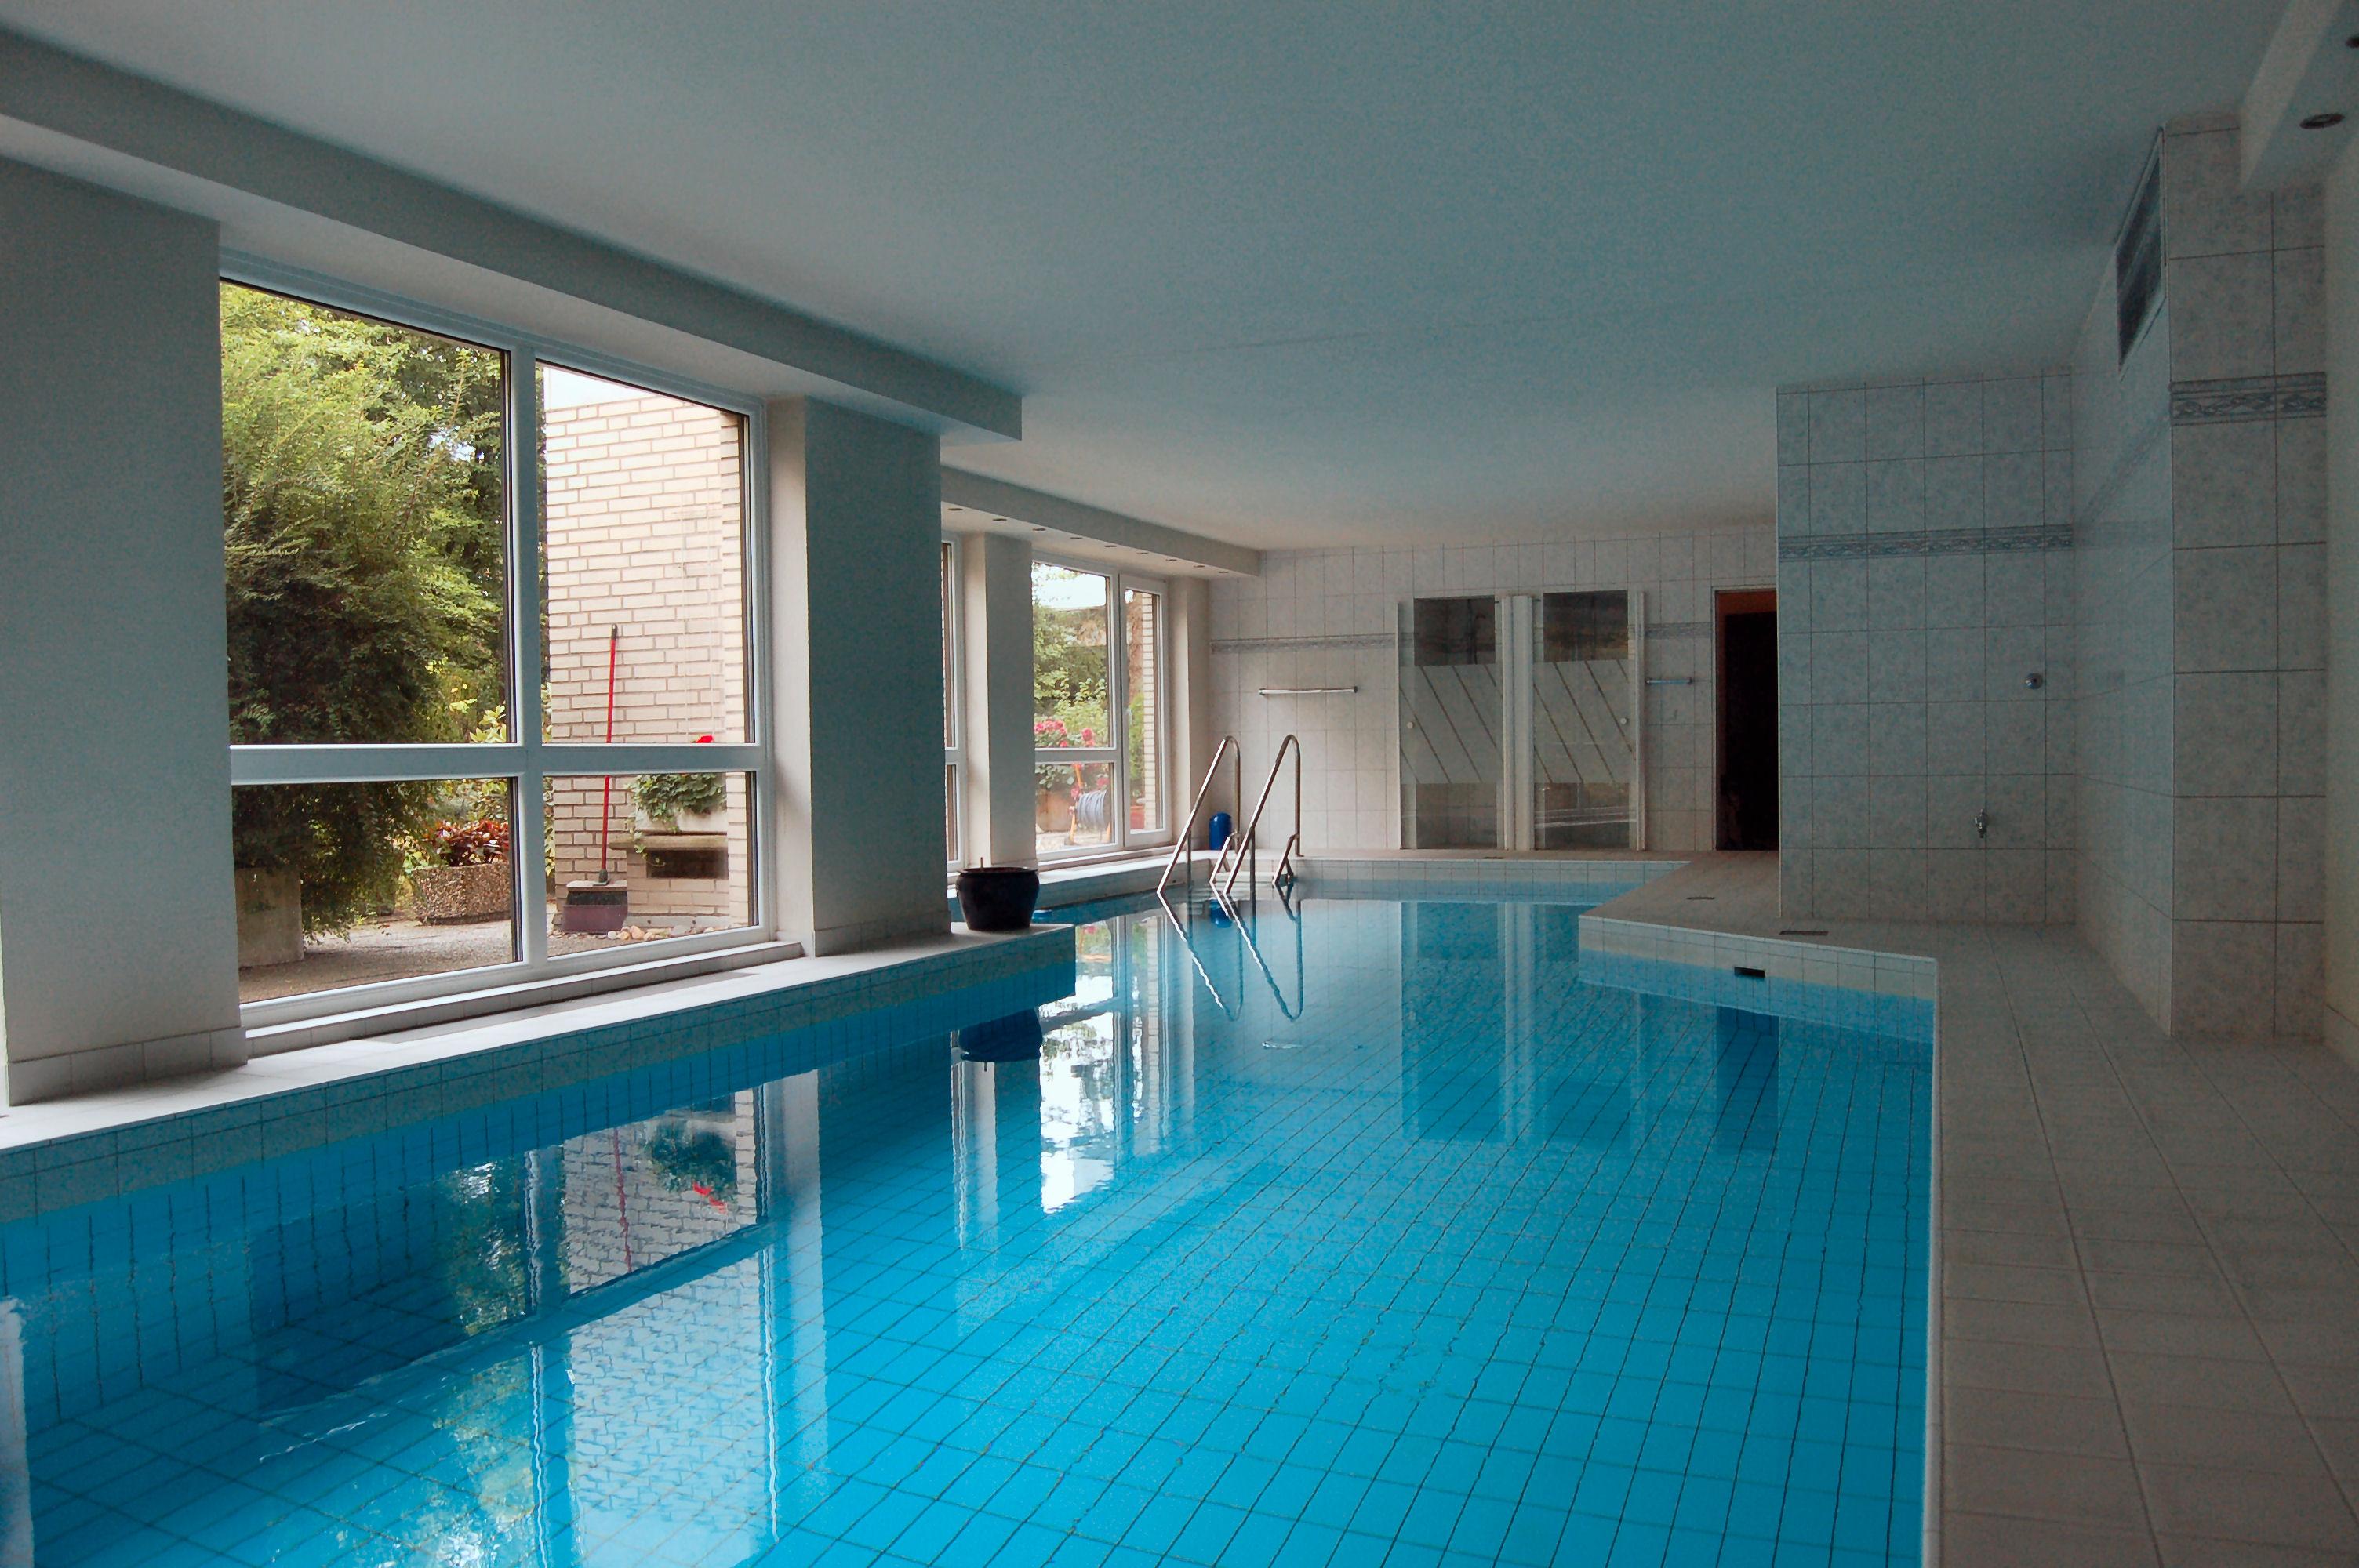 Schwimmbad1 - Penthouse-Appartement, Dachterrasse, EBK und Schwimmbad im Haus.